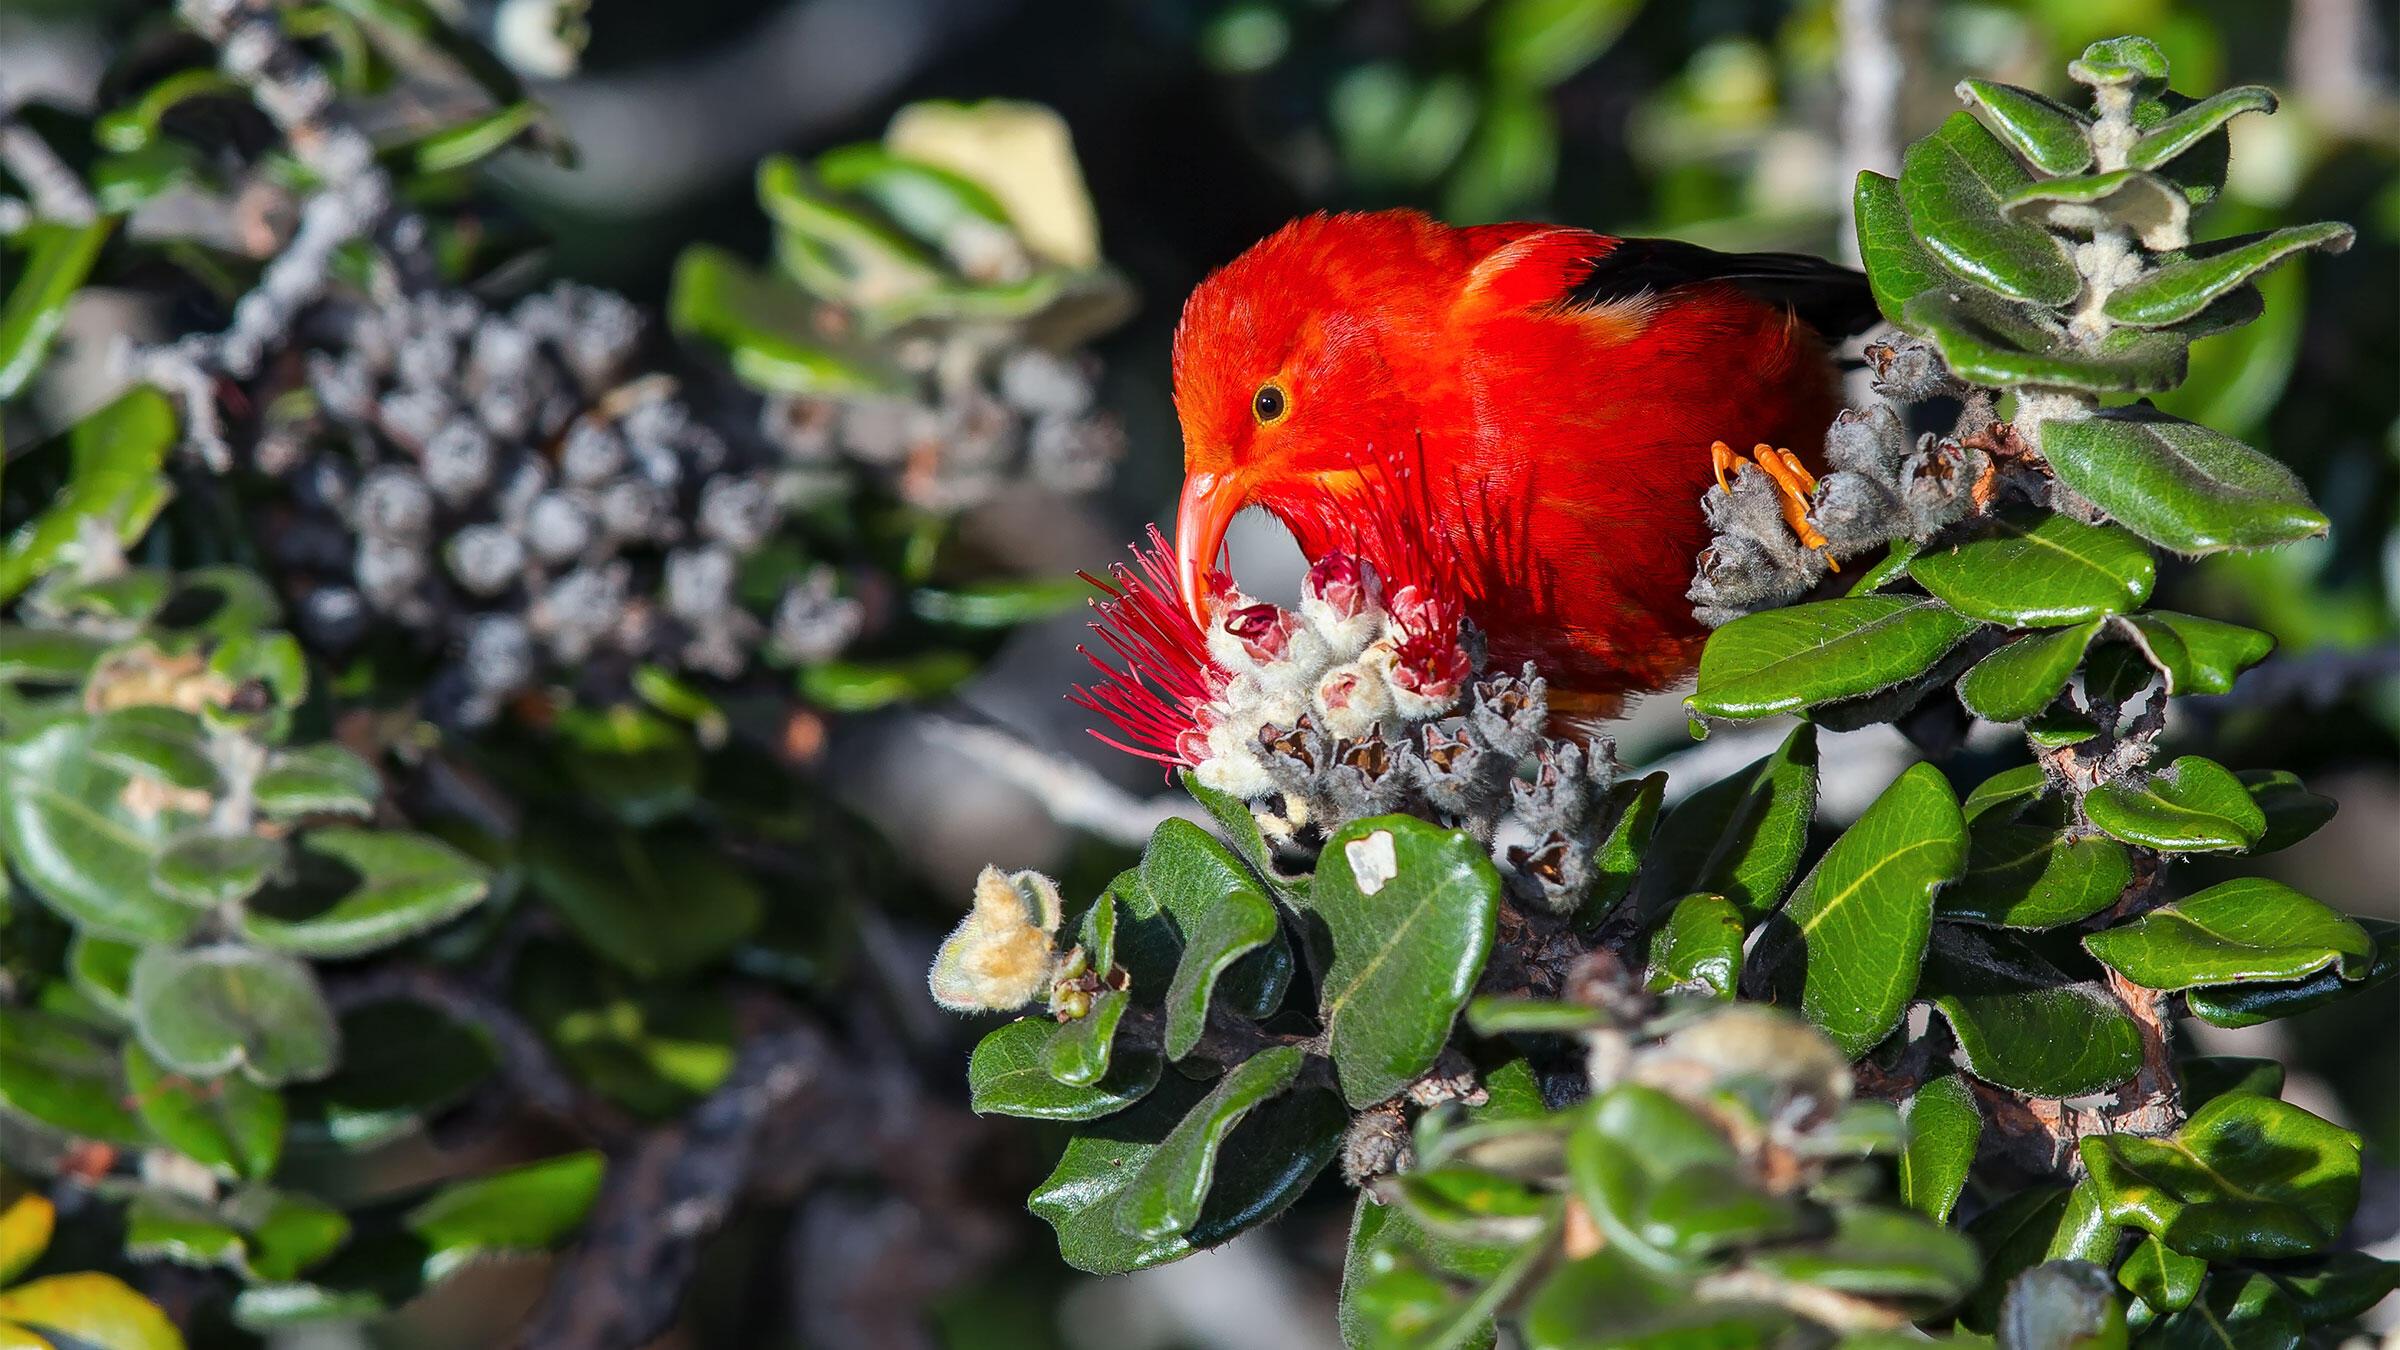 Climate change is shrinking ʻIʻiwi habitat and expanding the range of avian malaria. Boe Baty/Audubon Photography Awards